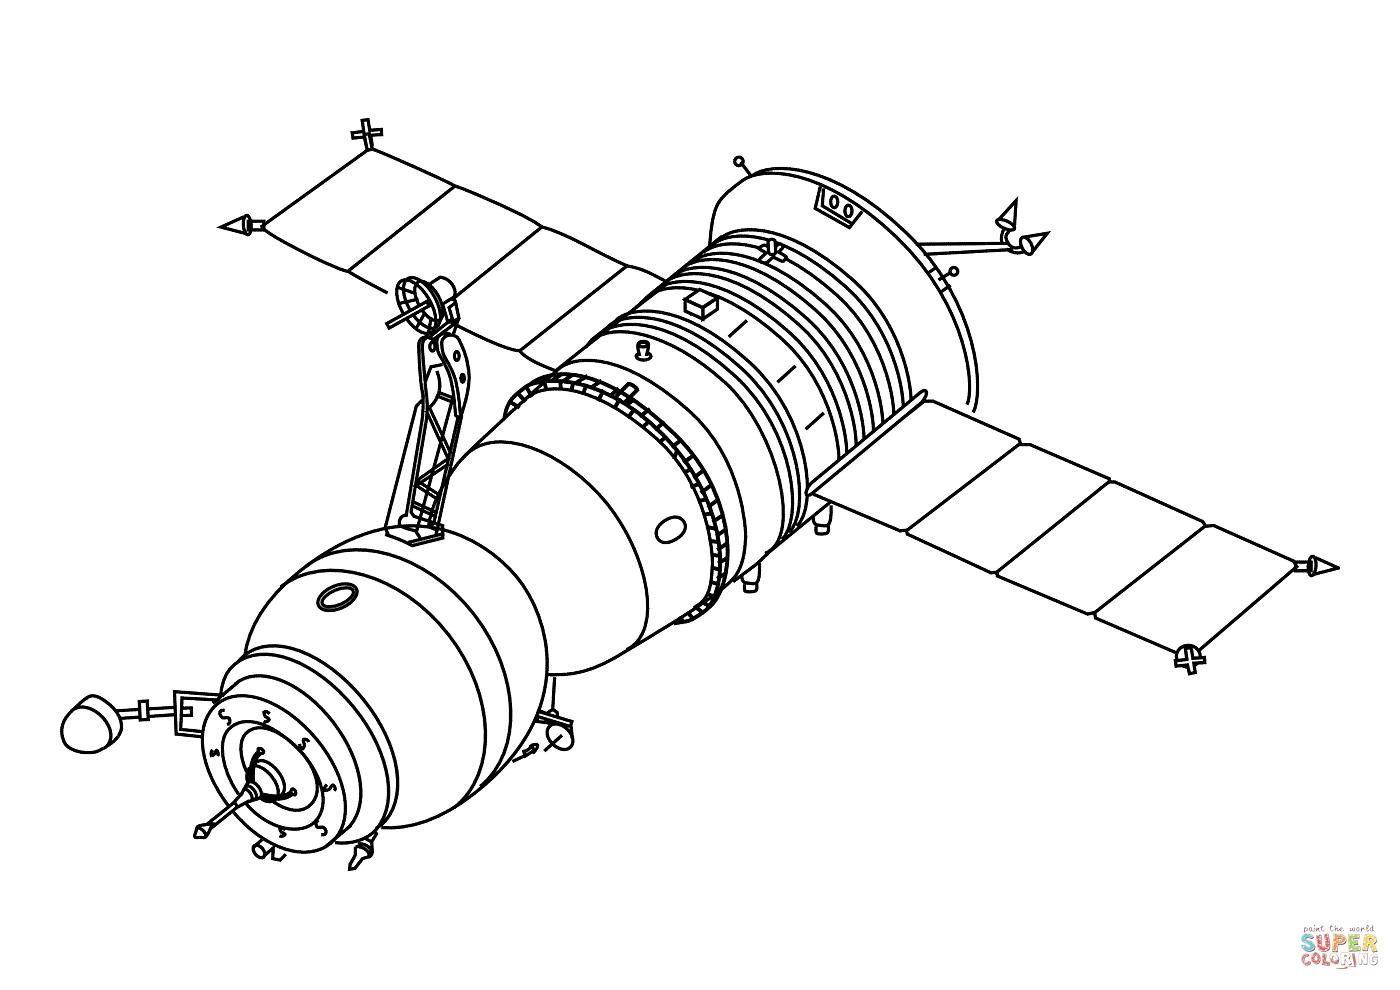 Progress Cargo Spacecraft Coloring Page